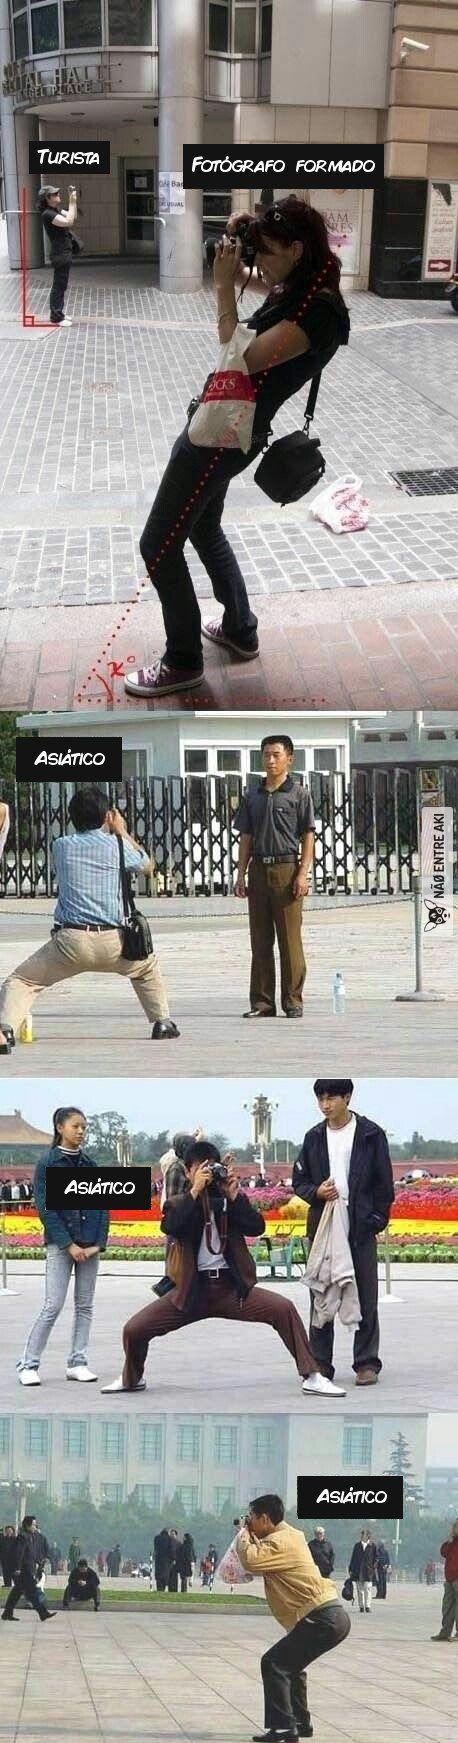 nível da foto... Asiático é bicho peste sabe tirar umas fotos da hora e tu não sabe como quando tu vê como a foto foi tirada tu te surpreende